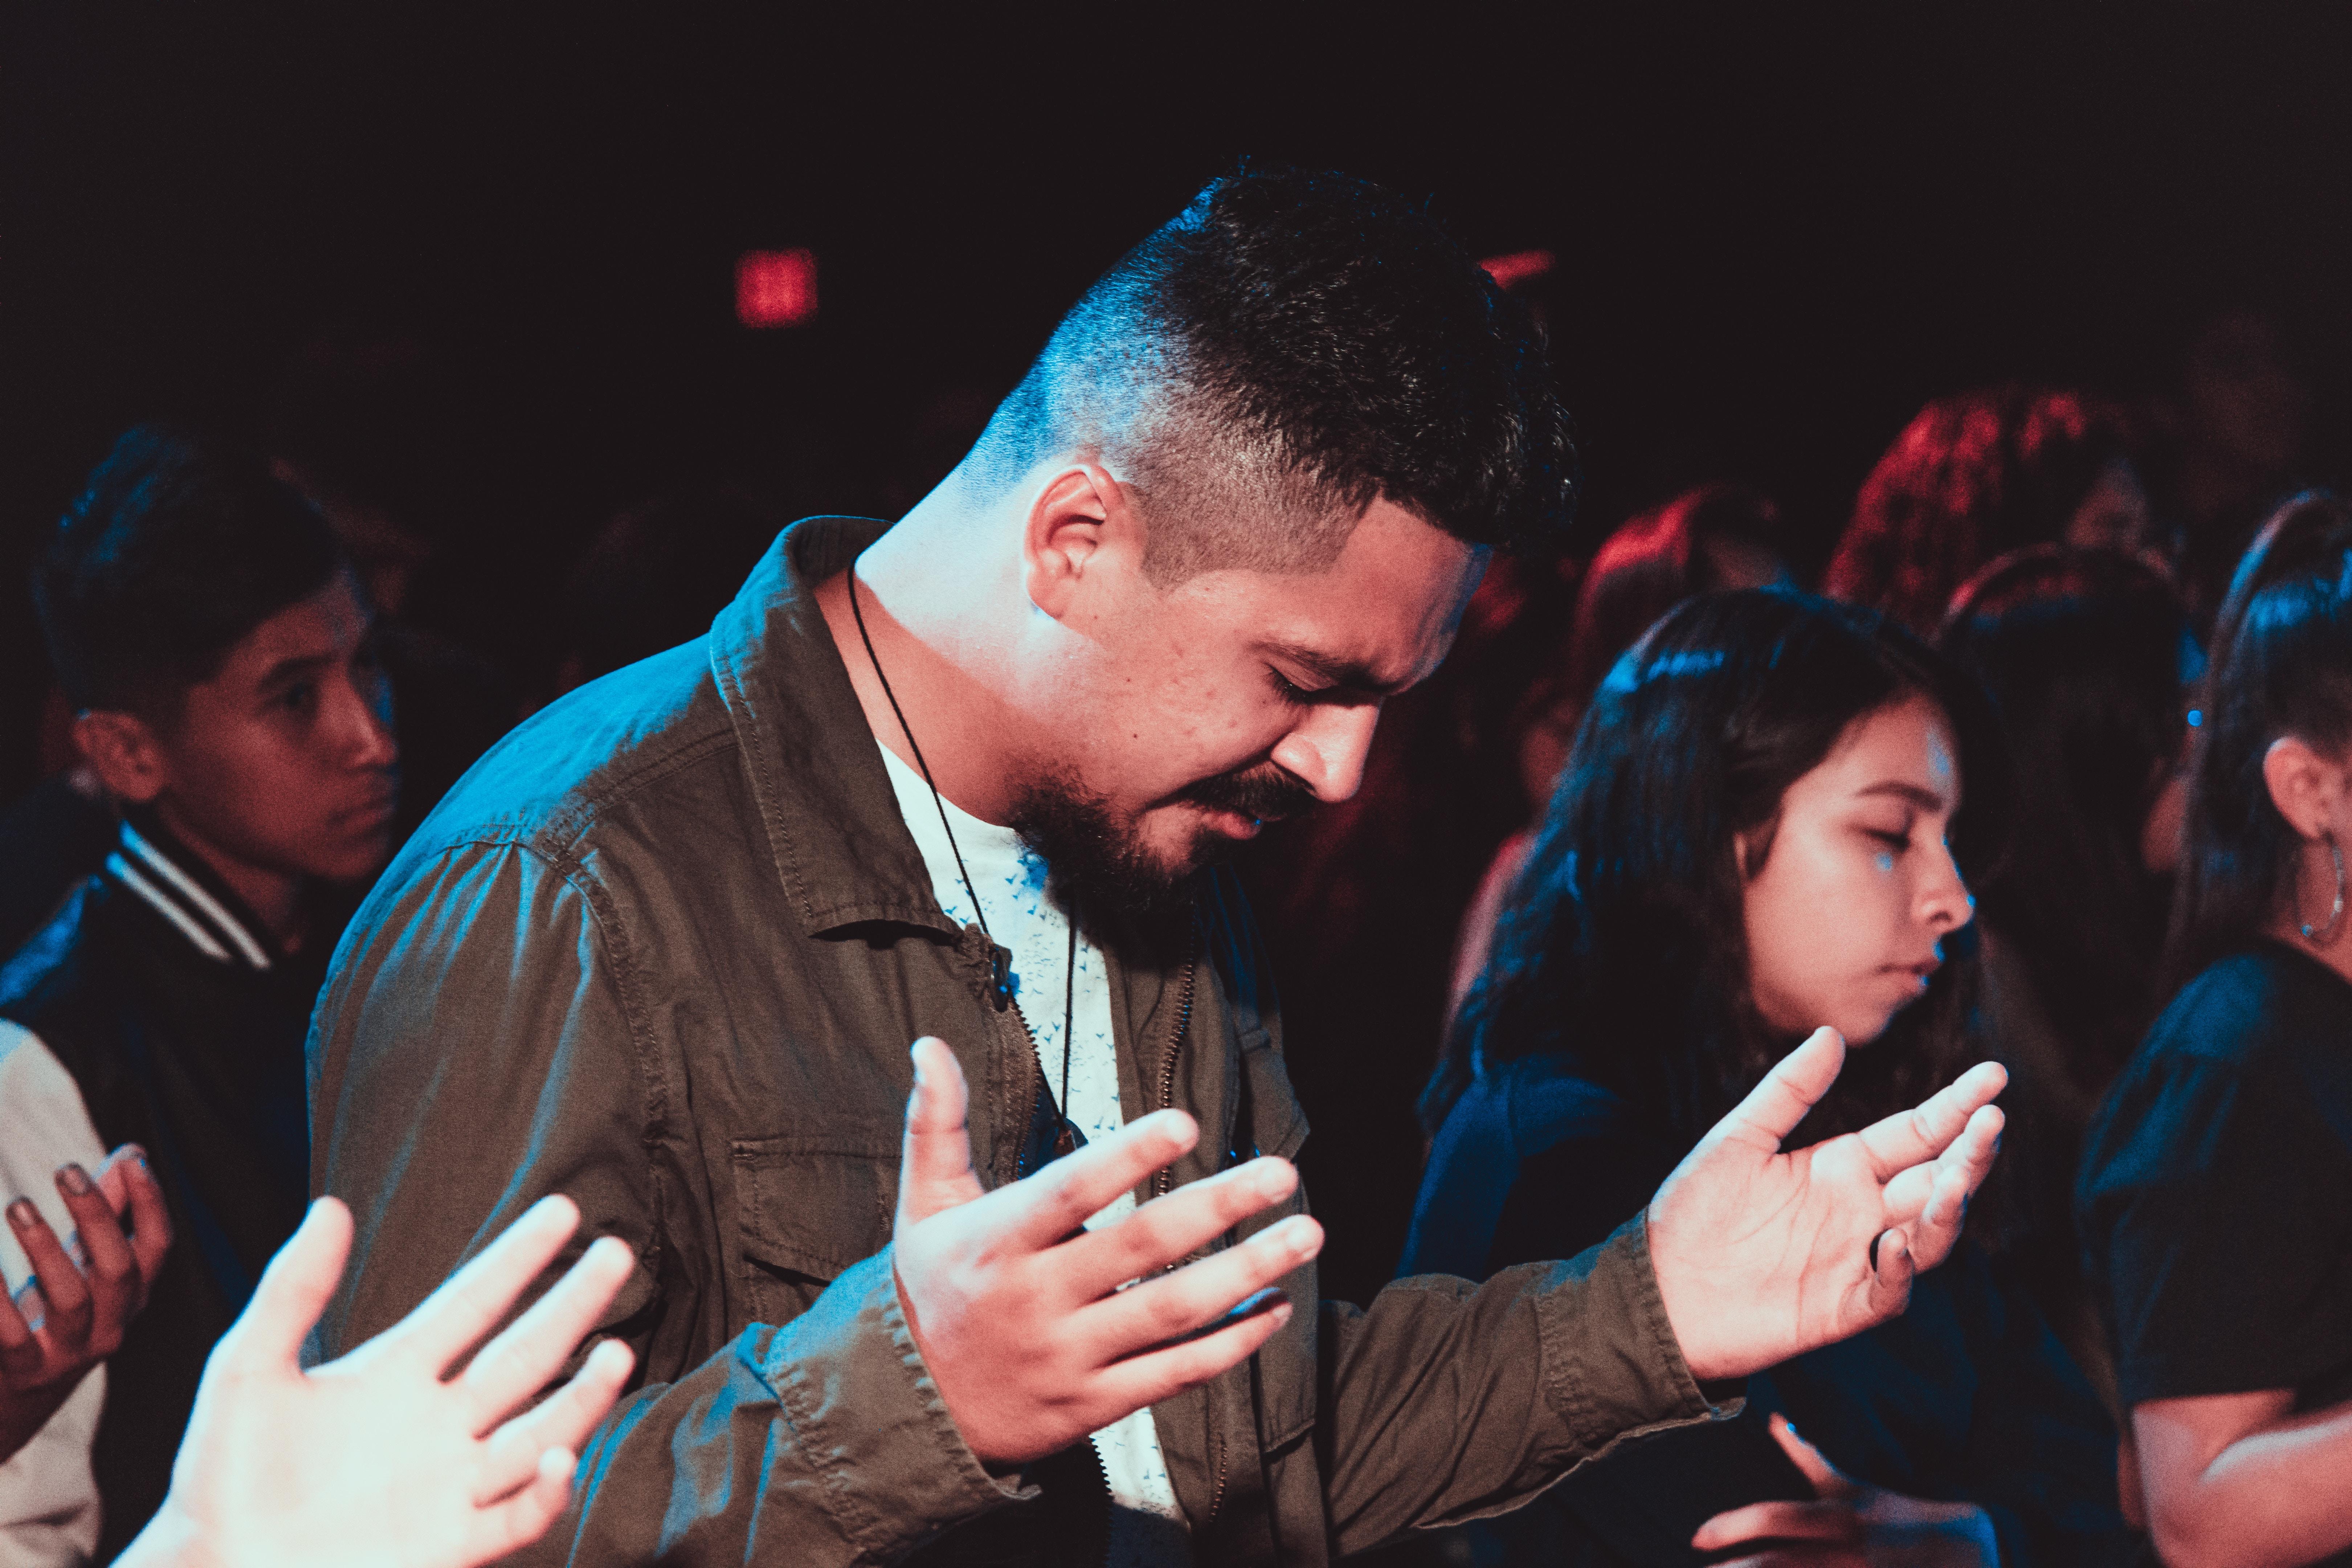 Mann in einer Gruppe am beten